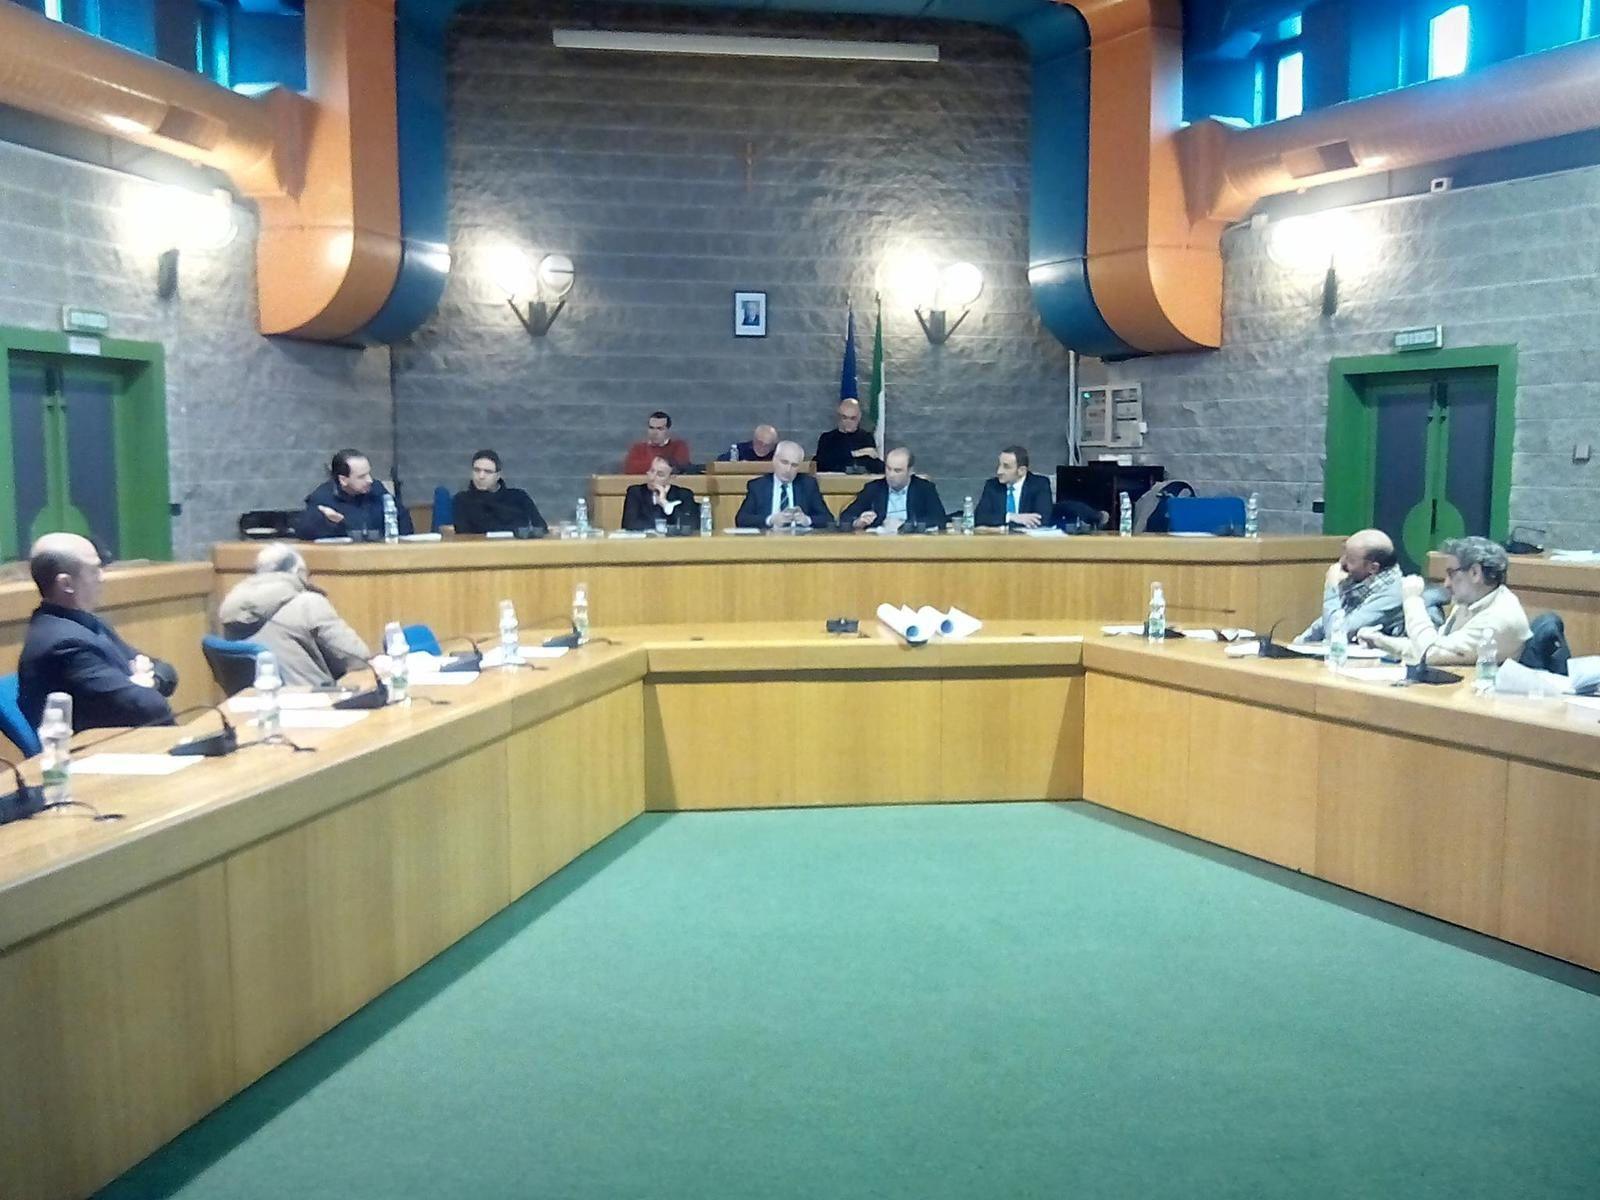 Conferenza dei Sindaci dell'Area programma Vulture – Alto Bradano per deliberare in merito ai progetti per la realizzazione di impianti di trattamento rifiuti previsti nell'area industriale di San Nicola di Melfi